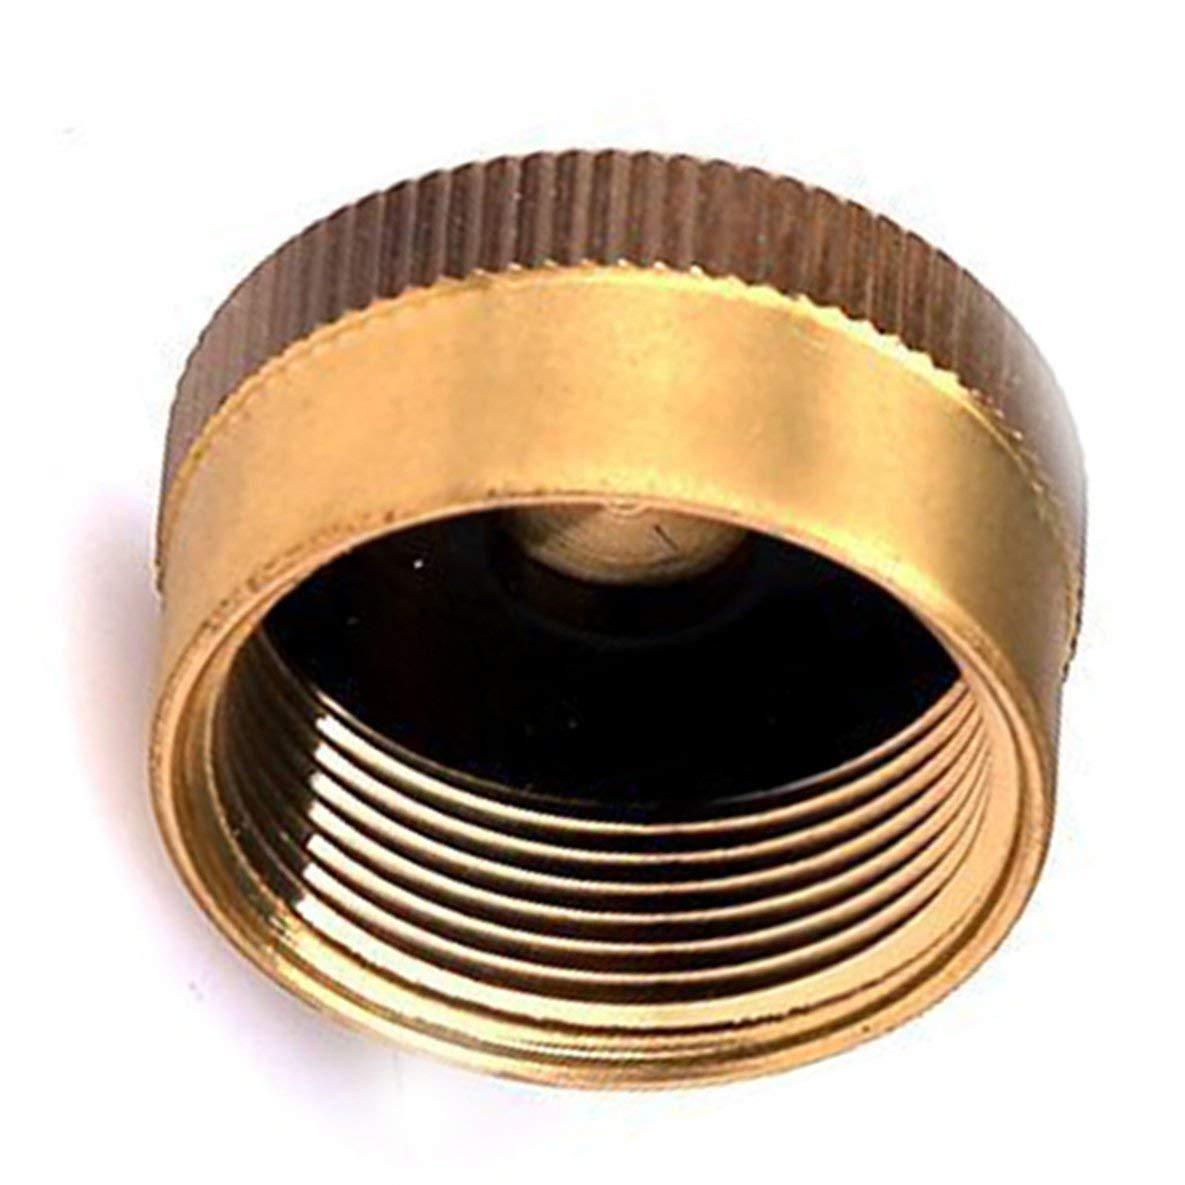 Noradtjcca Tappo Serbatoio in Ottone Solido 1 LB Bombola Serbatoio bombola di Gas Proteggere Tappo sigillato per fornello da Campeggio allaperto di Cottura Universale